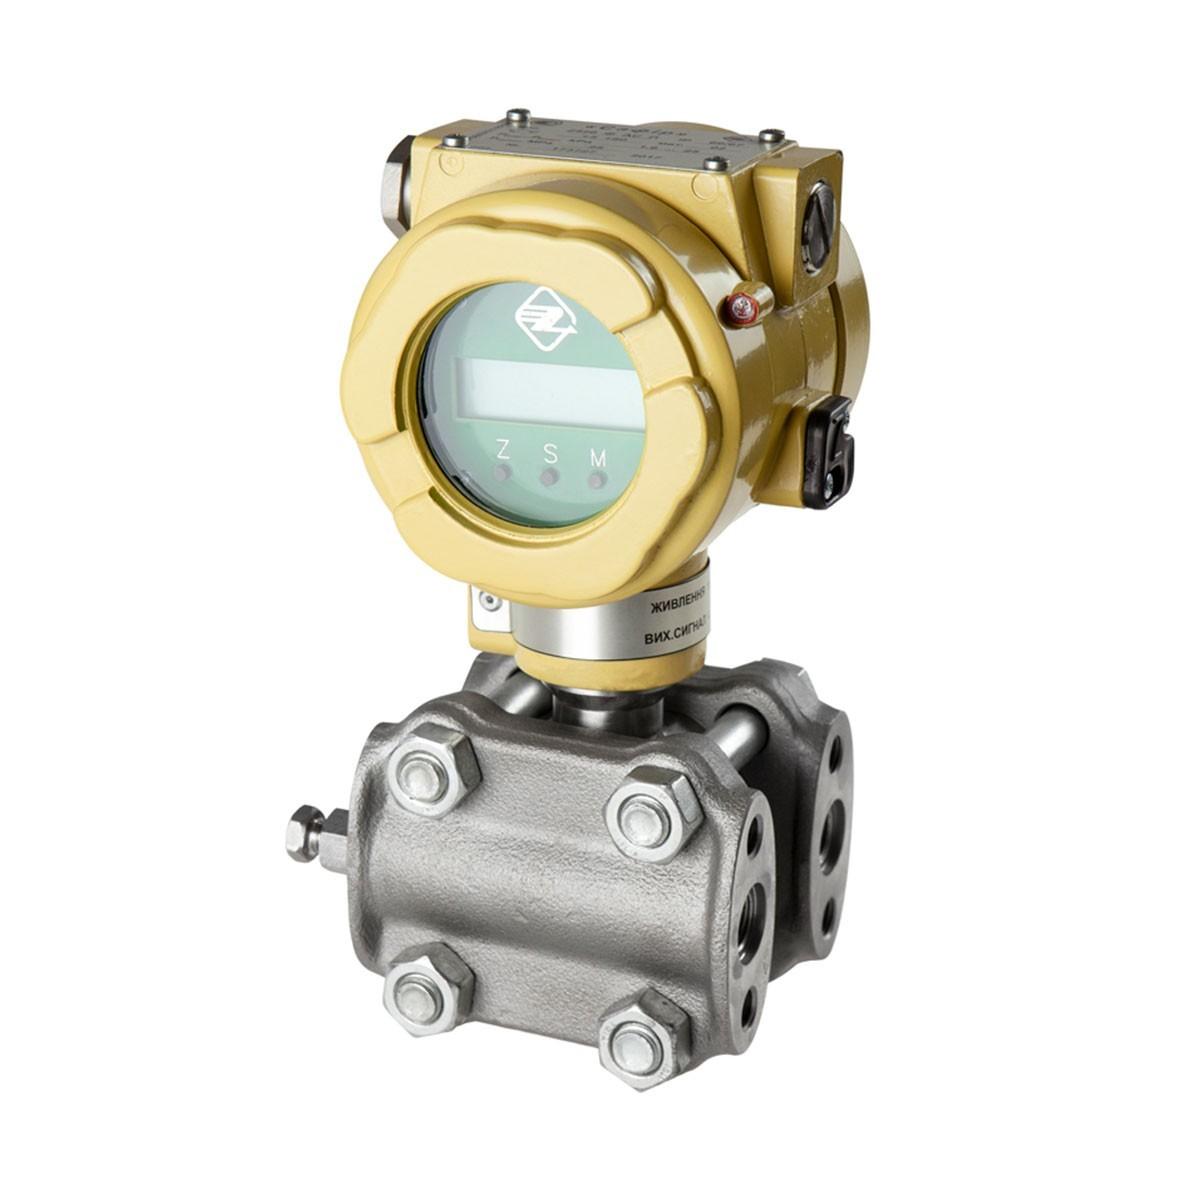 Digital Differential Pressure Transmitters Safir 2420, 2430, 2434, 2440, 2444, 2450, 2454